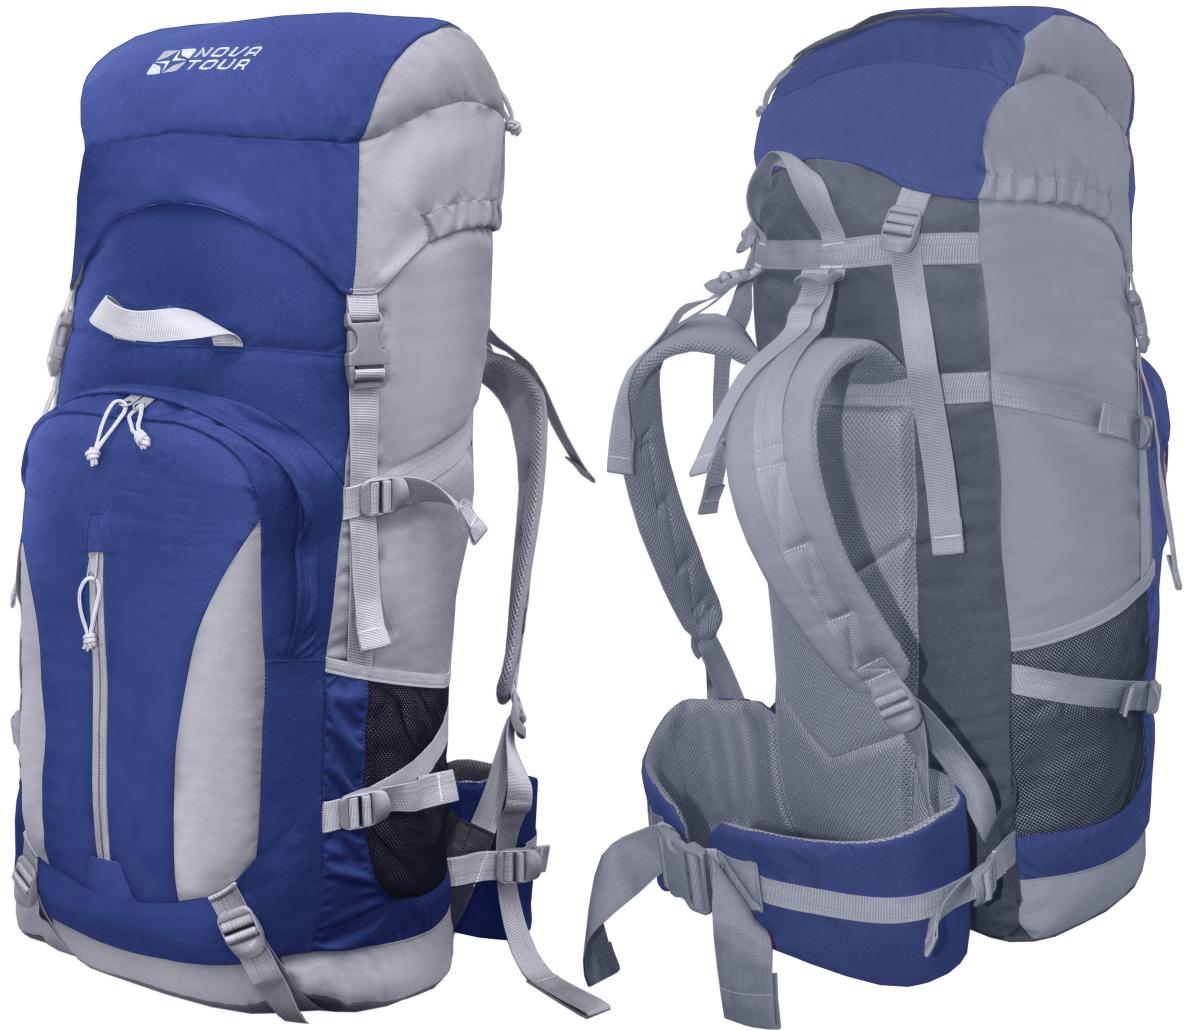 Рюкзак nova tour витим 100 v2 отзывы рюкзак украсить